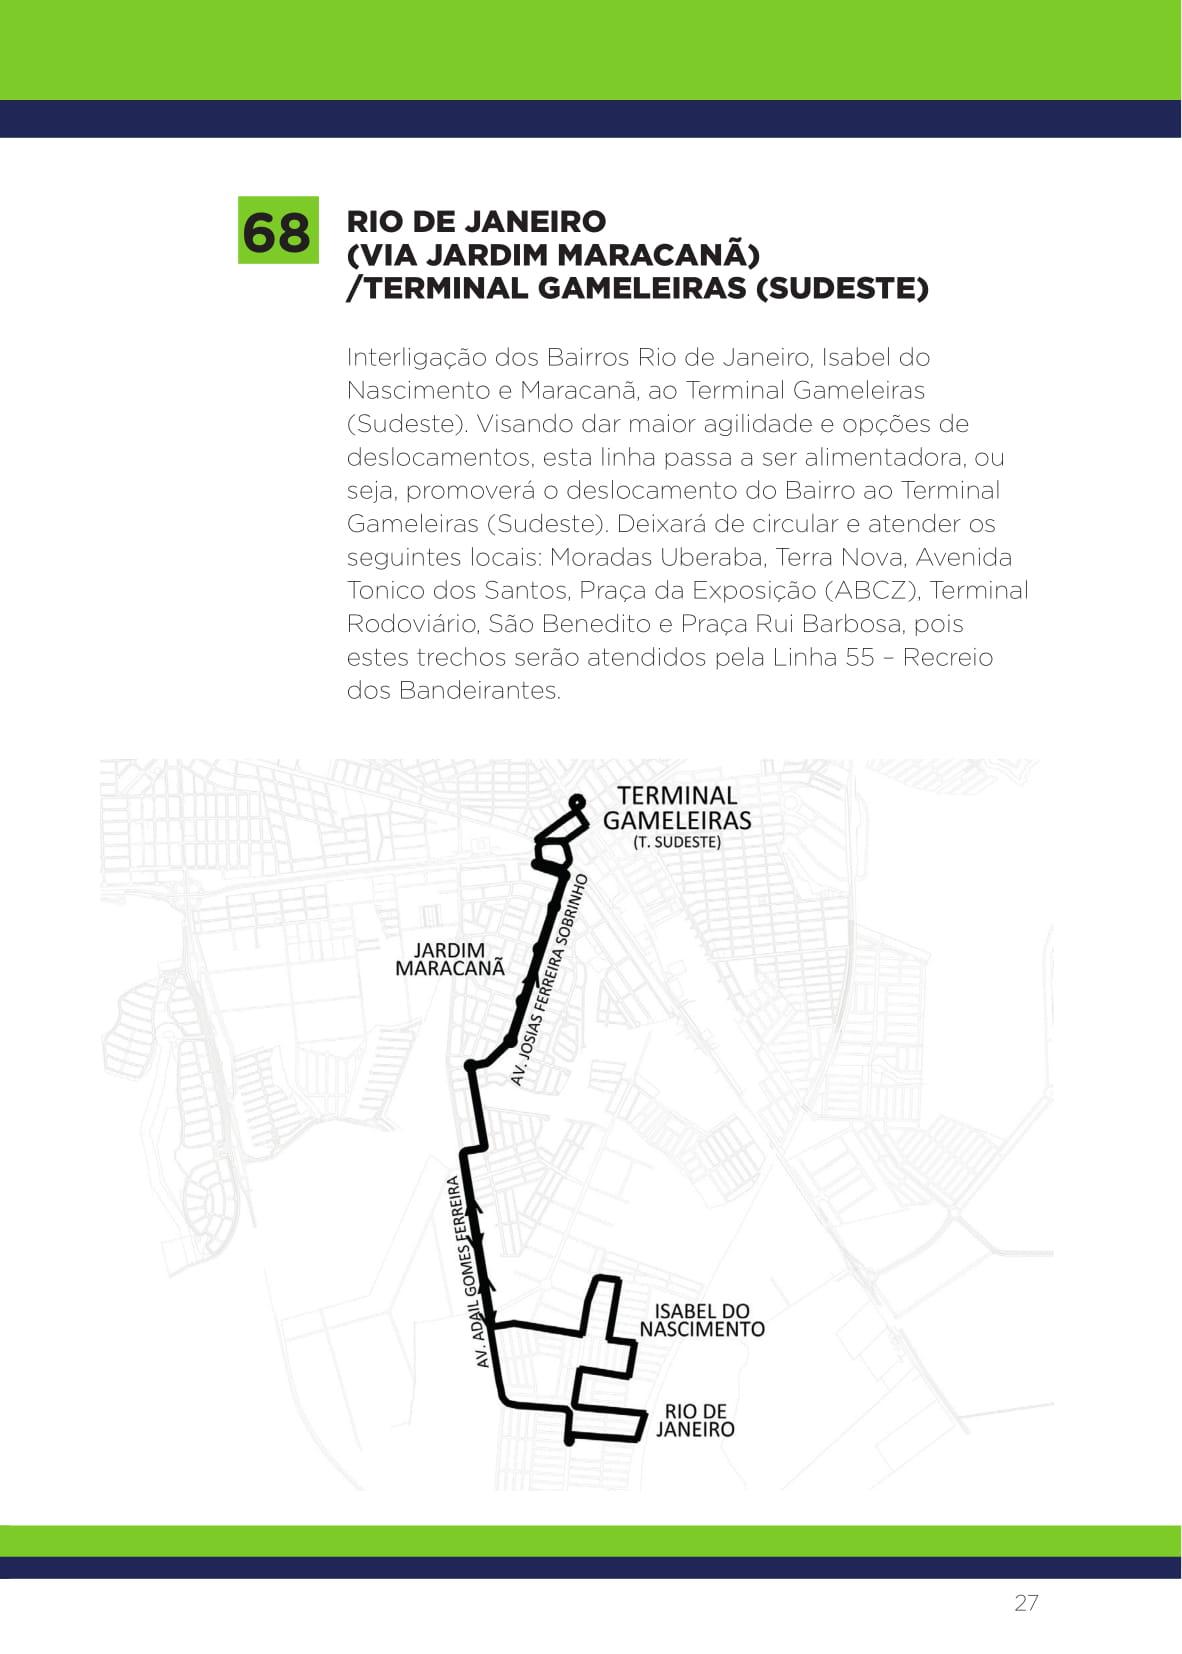 Manual_do_Usuario_BRT_Vetor-27